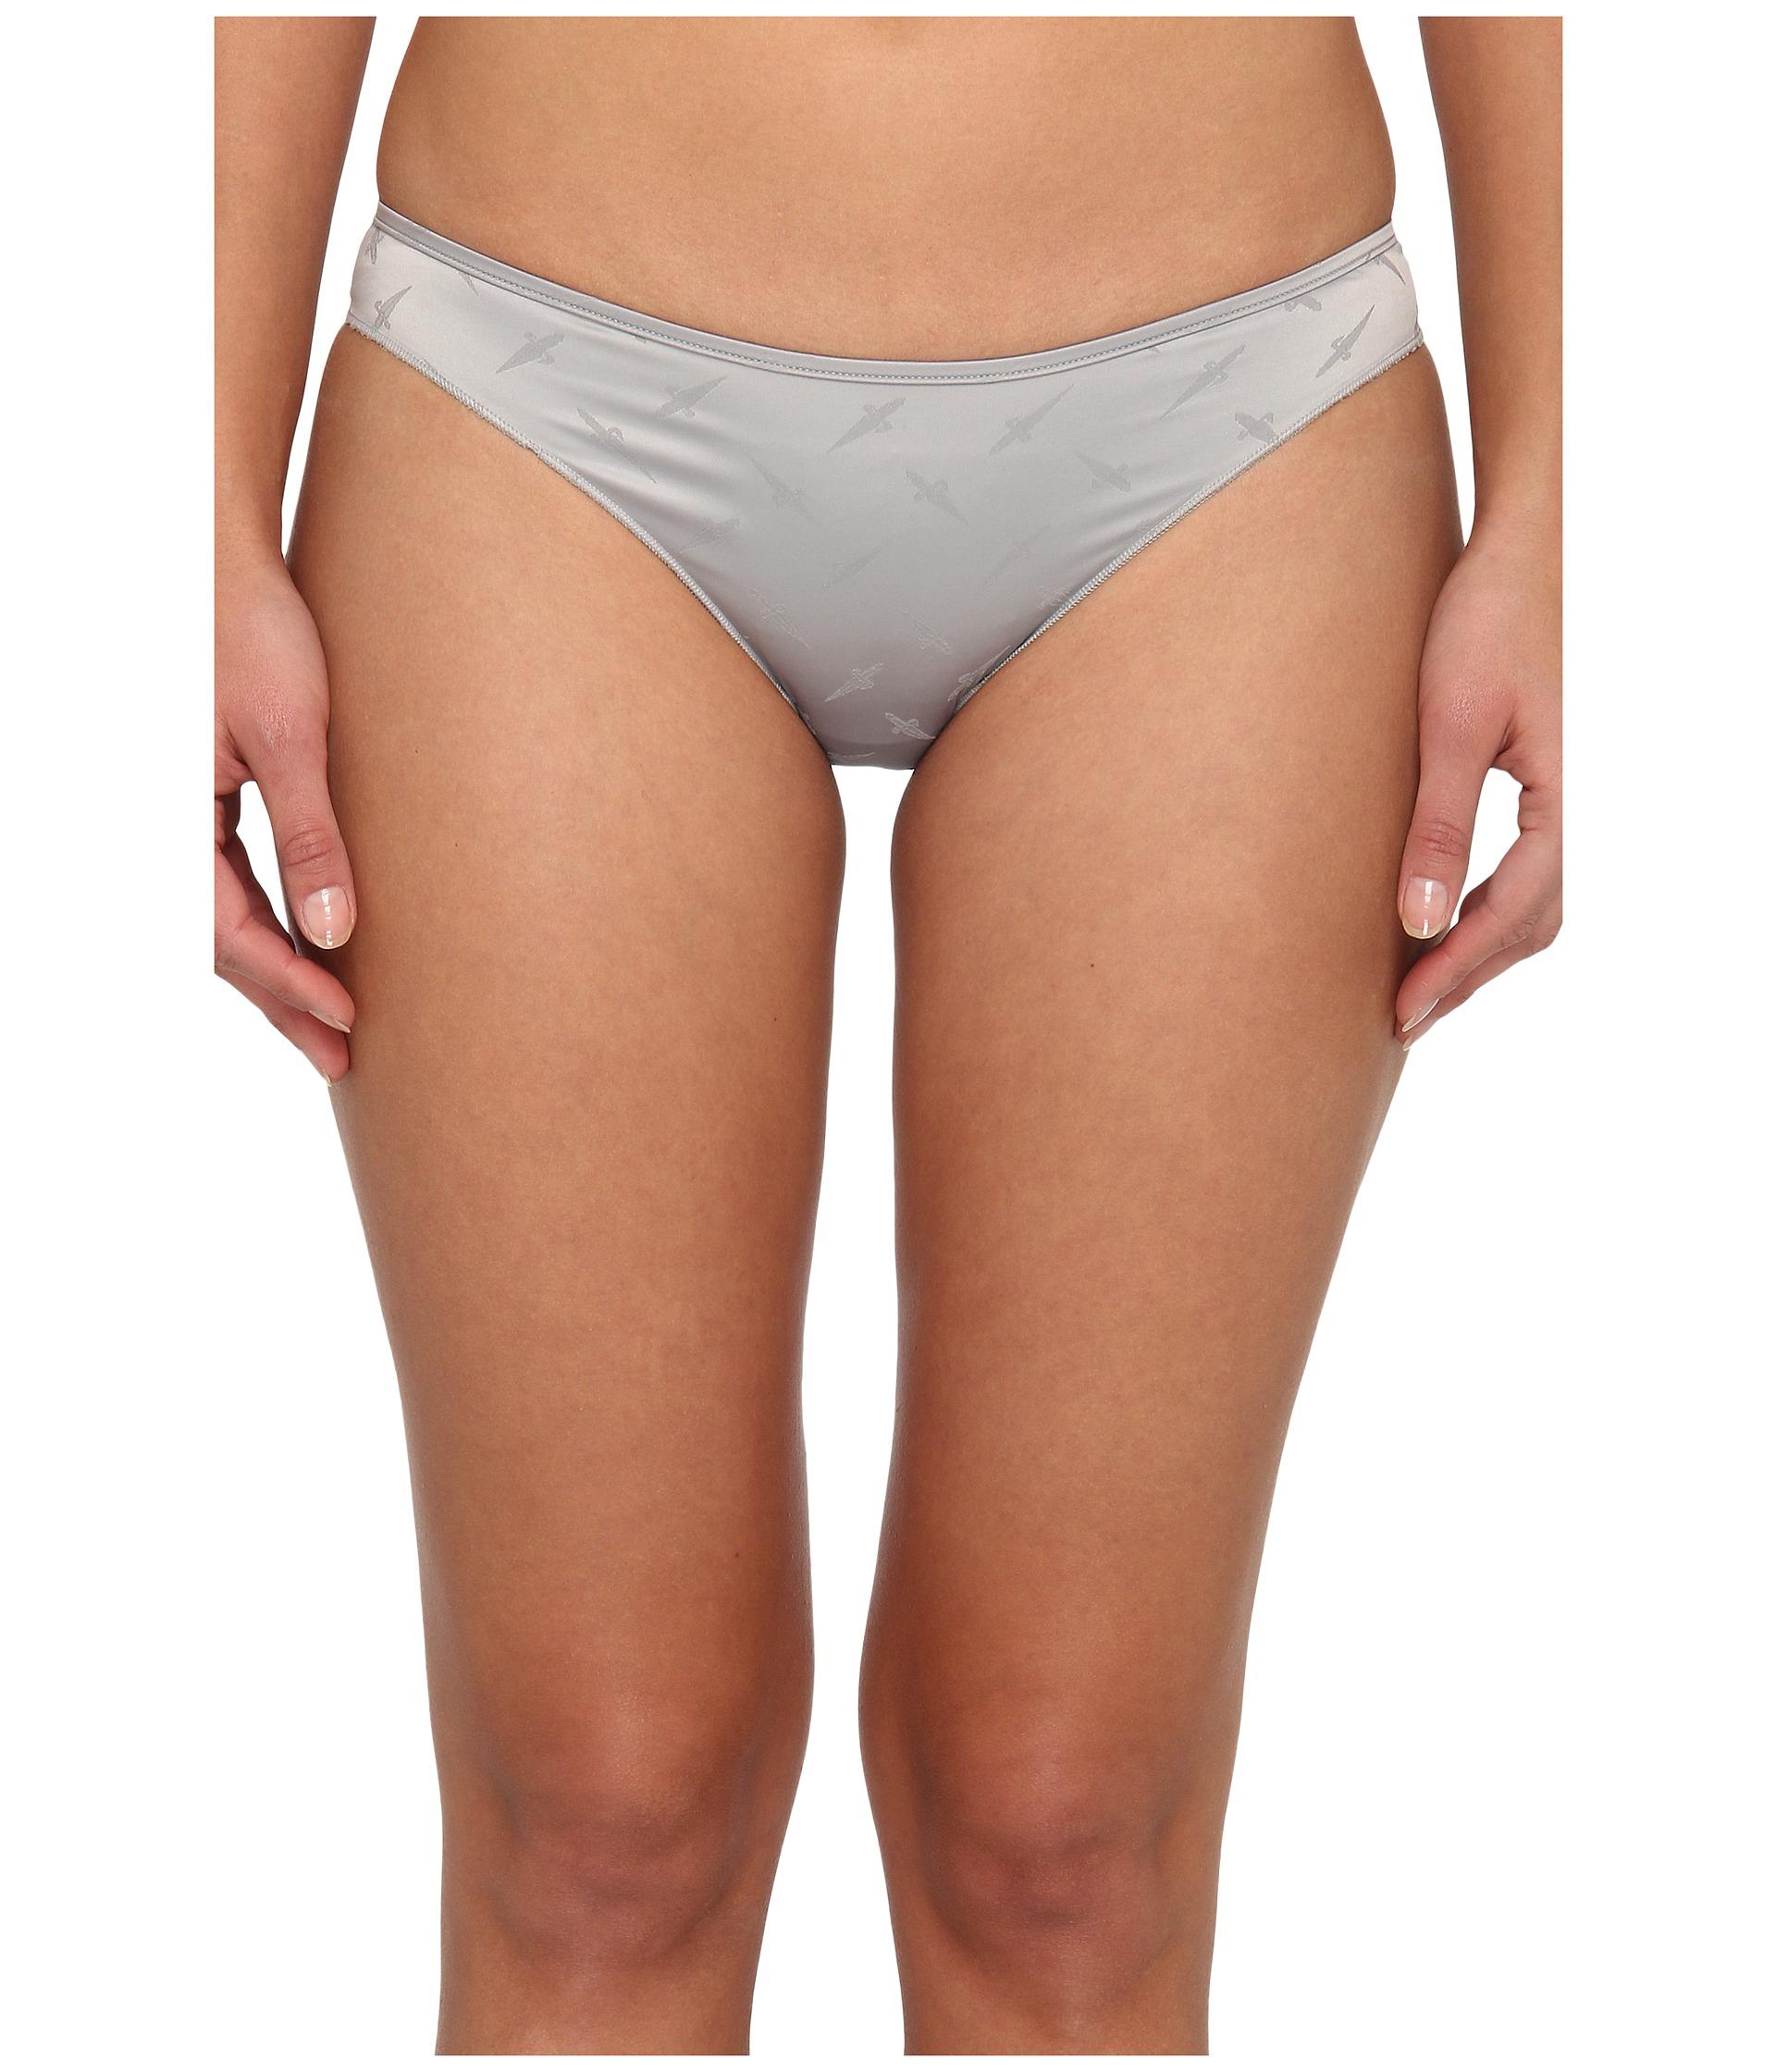 Grey Panties 33